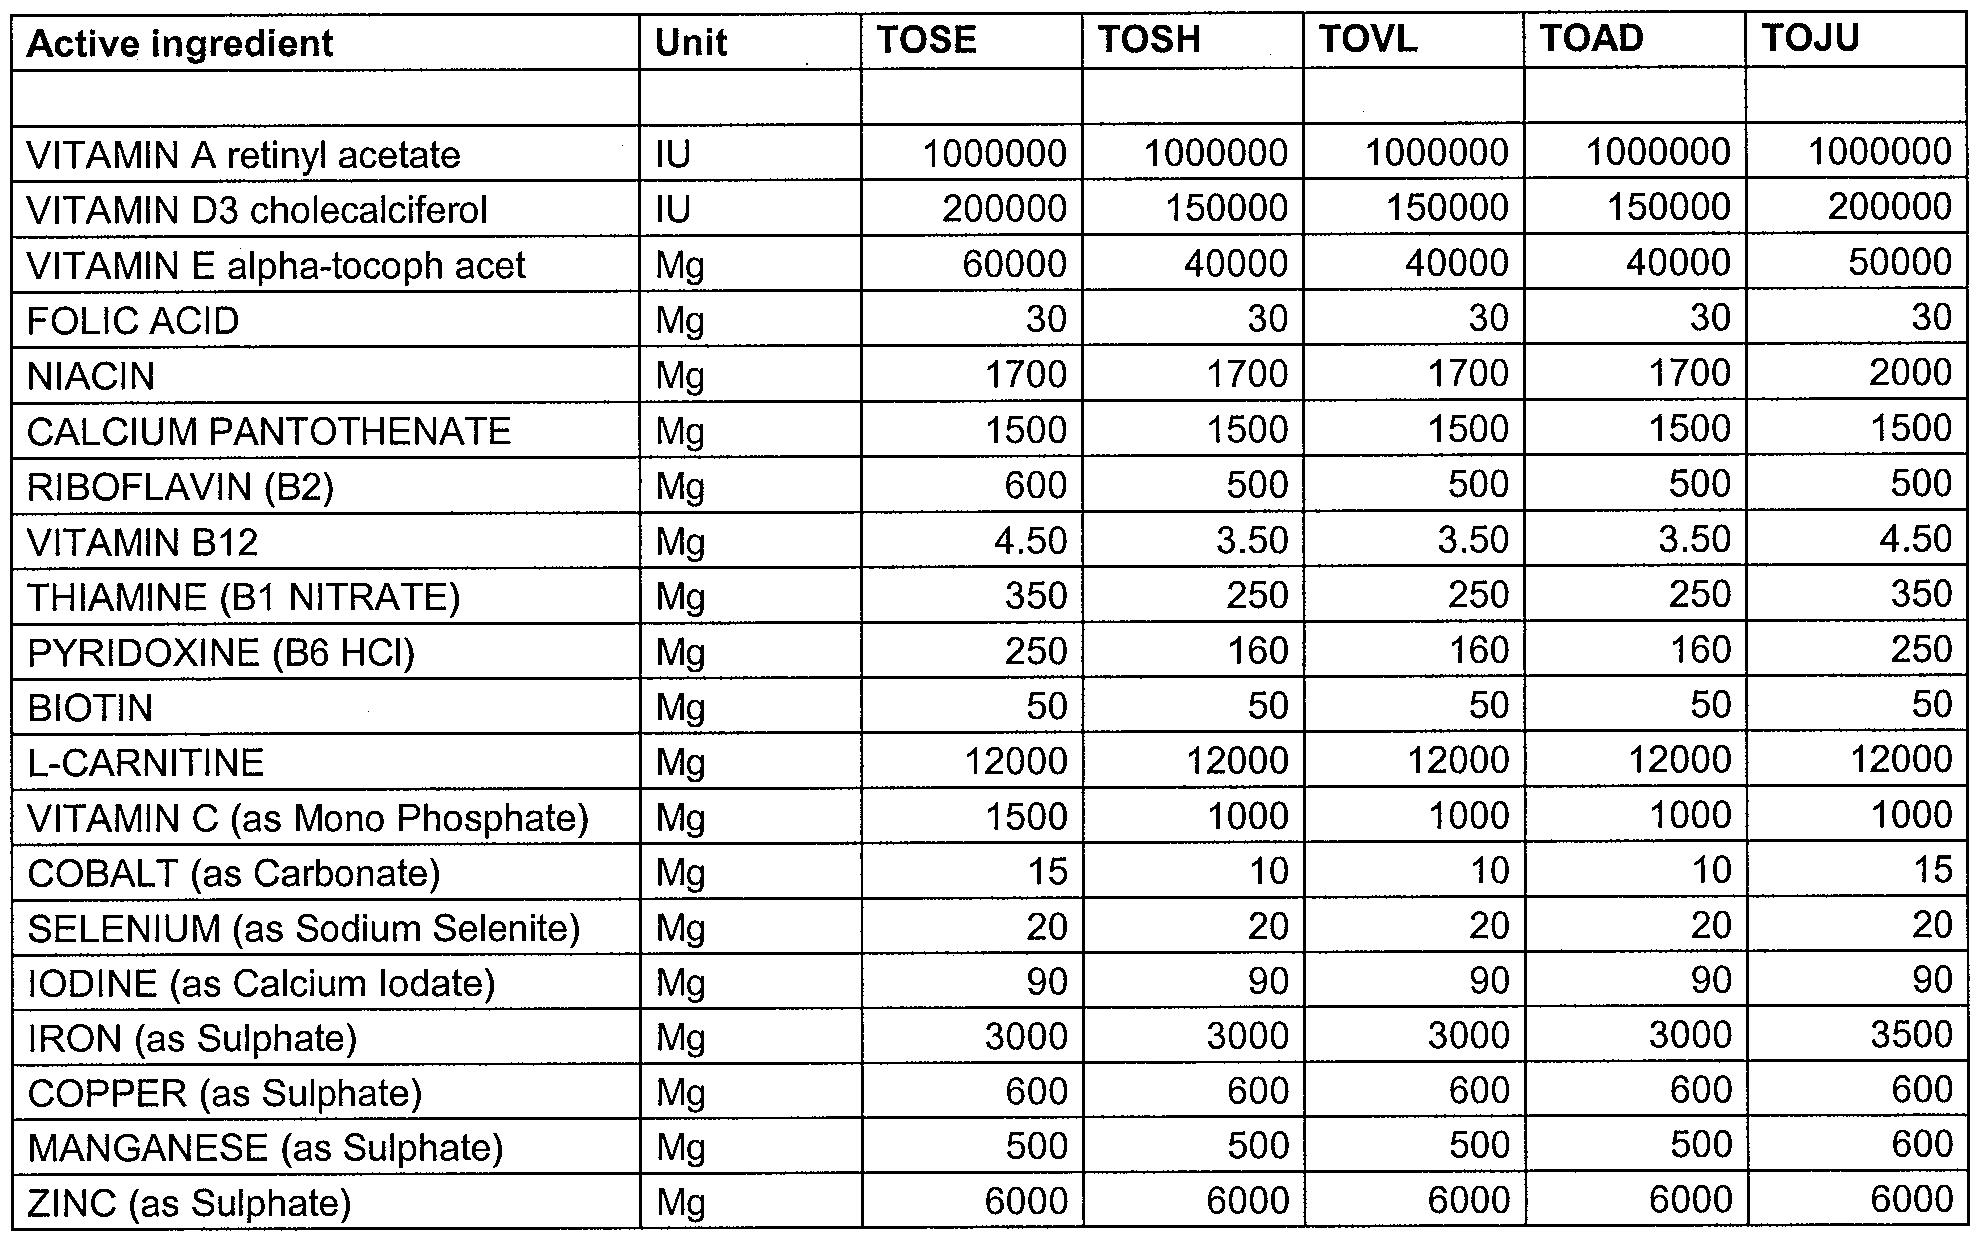 80000mg タウリン